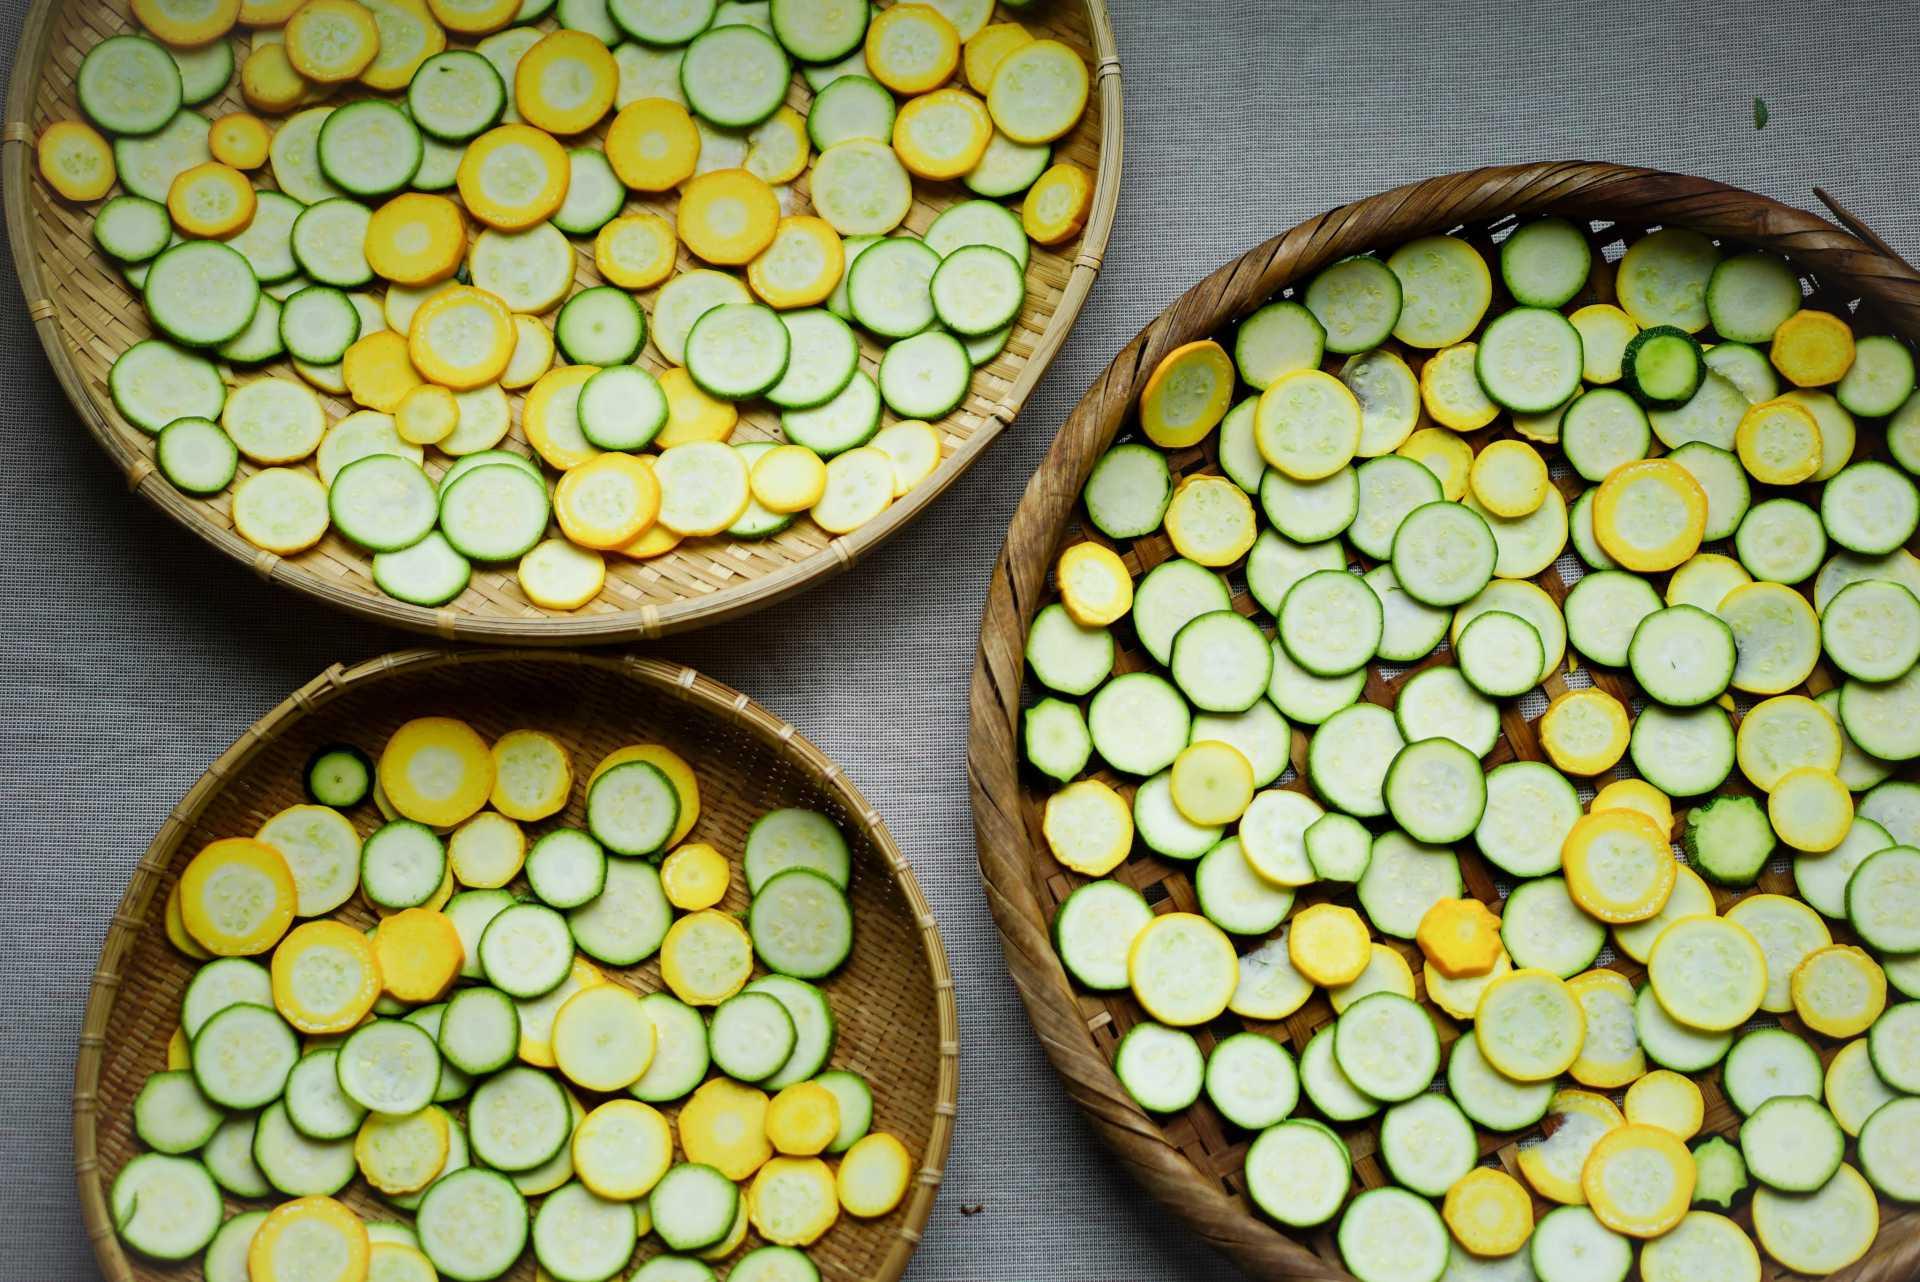 余った野菜を活用するなら?旨みと甘みたっぷり、干し野菜のすすめ